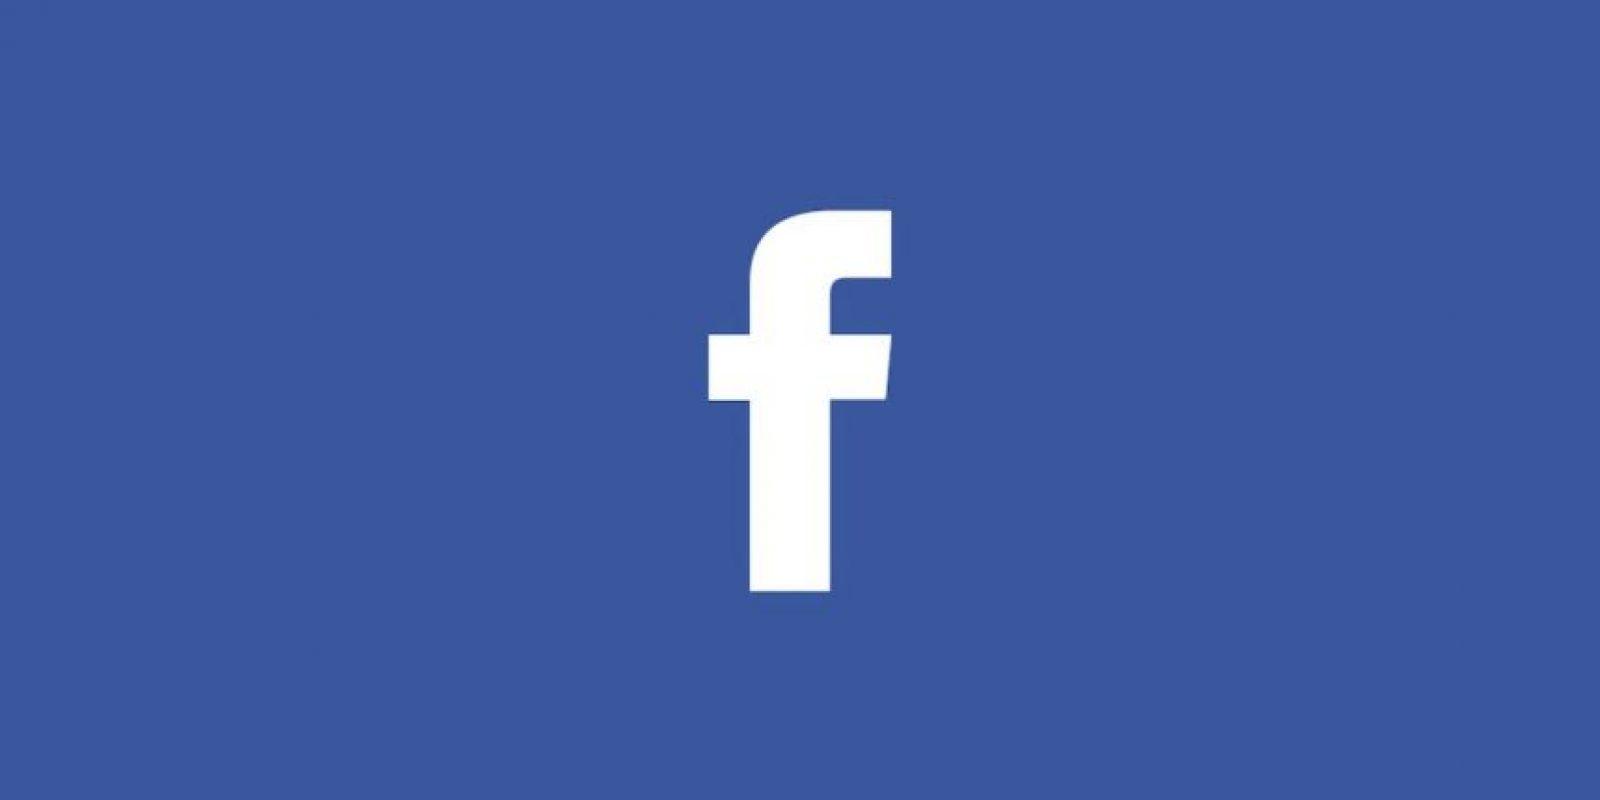 Facebook, la red social más popular de la actualidad. Foto:Facebook